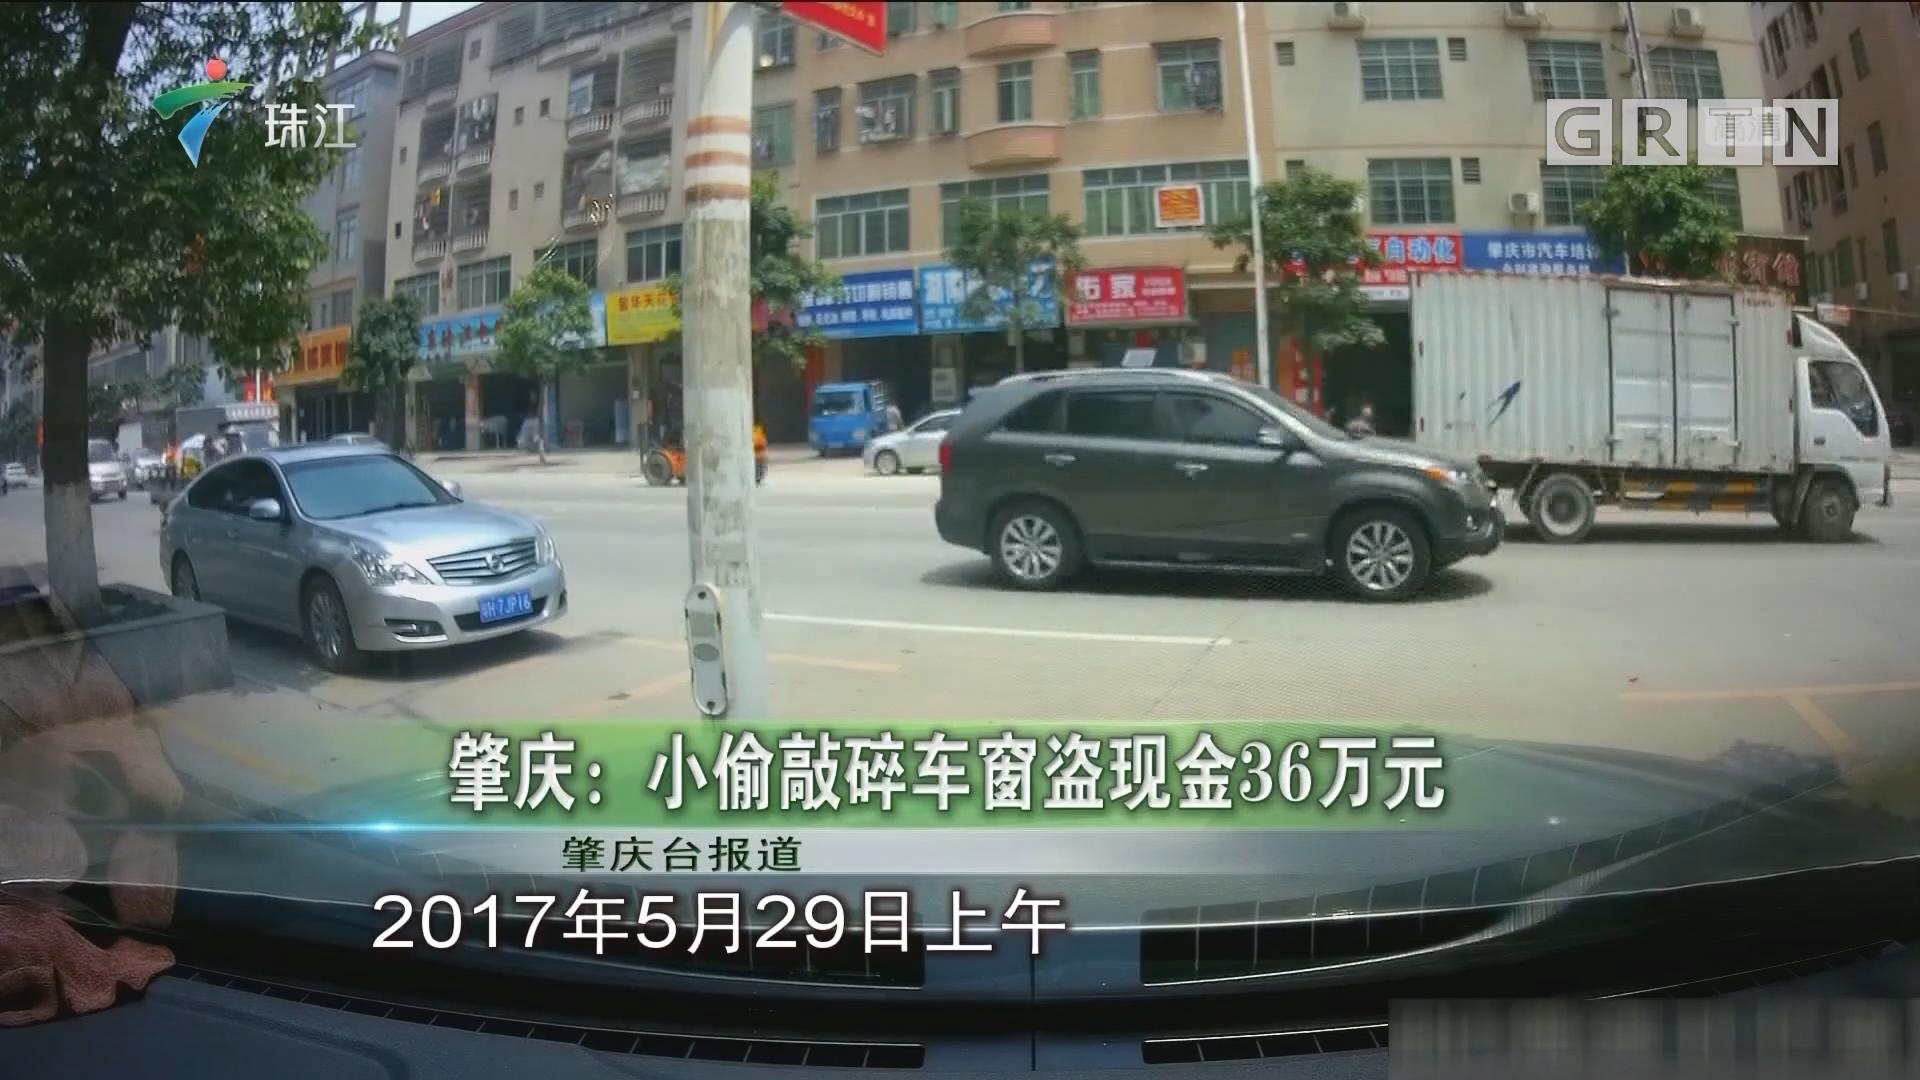 肇庆:小偷敲碎车窗盗现金36万元